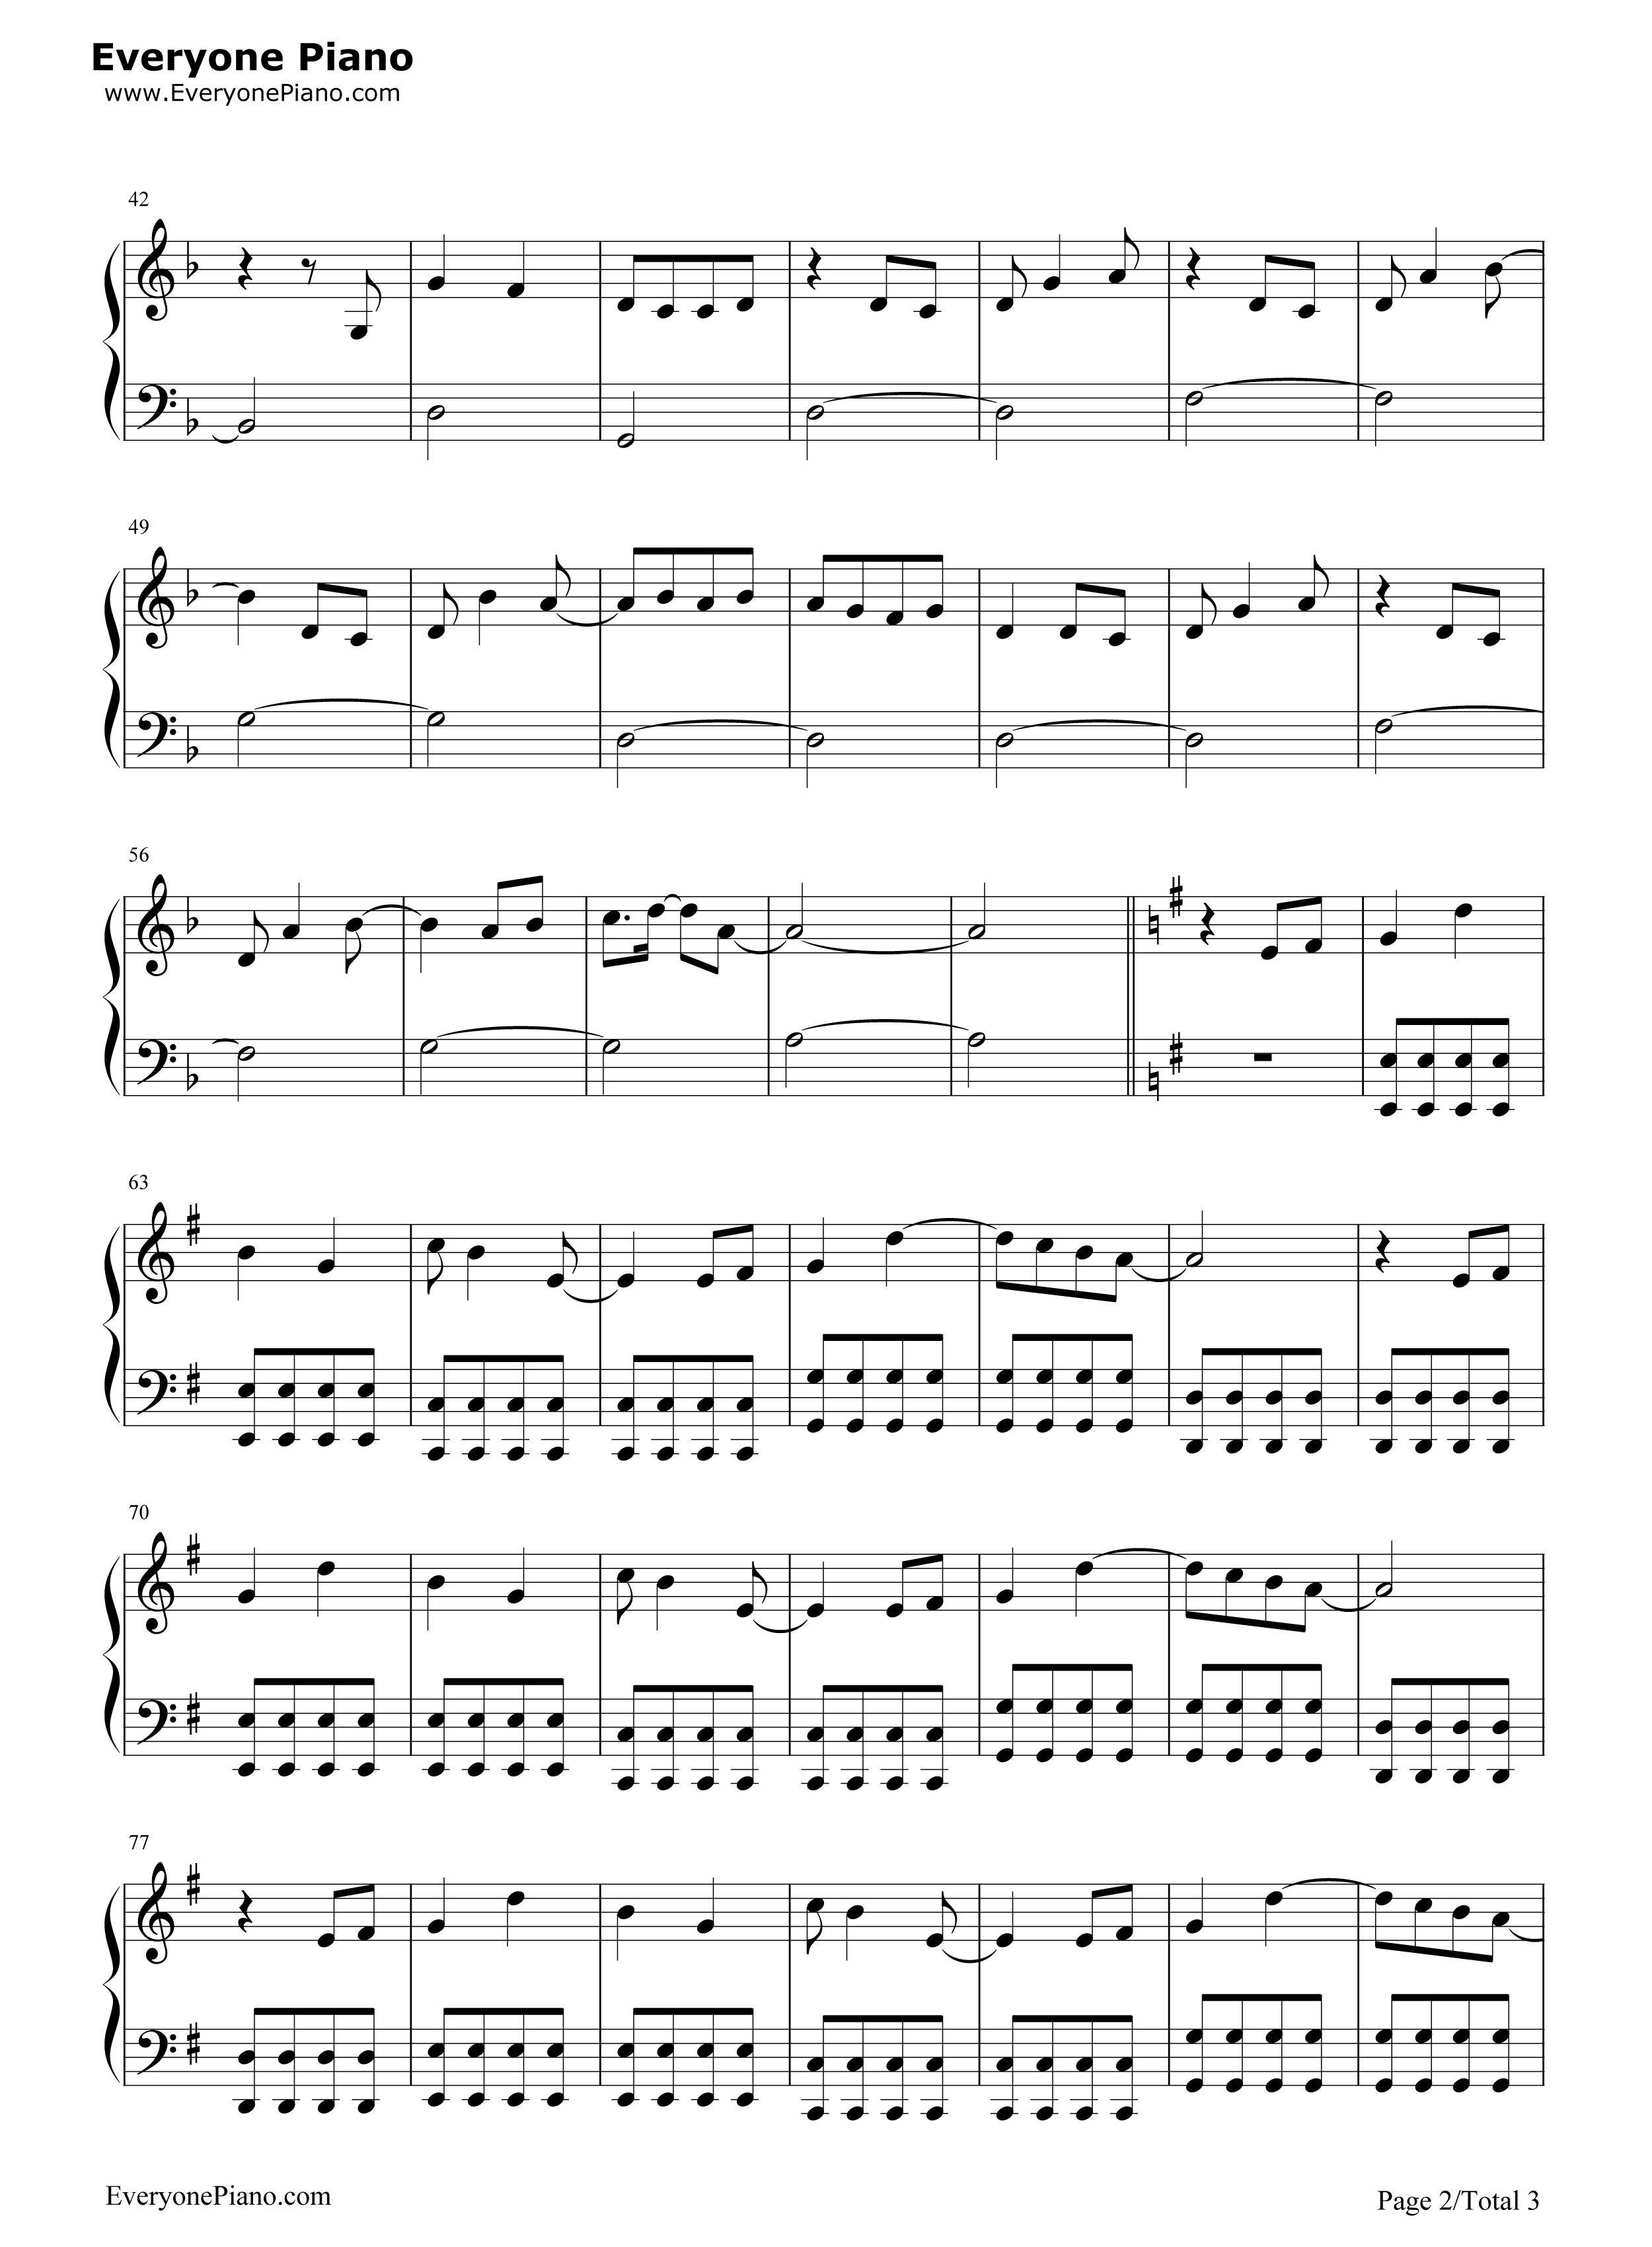 钢琴曲谱 流行 心之焰-楚乔传片尾曲 心之焰-楚乔传片尾曲五线谱预览2